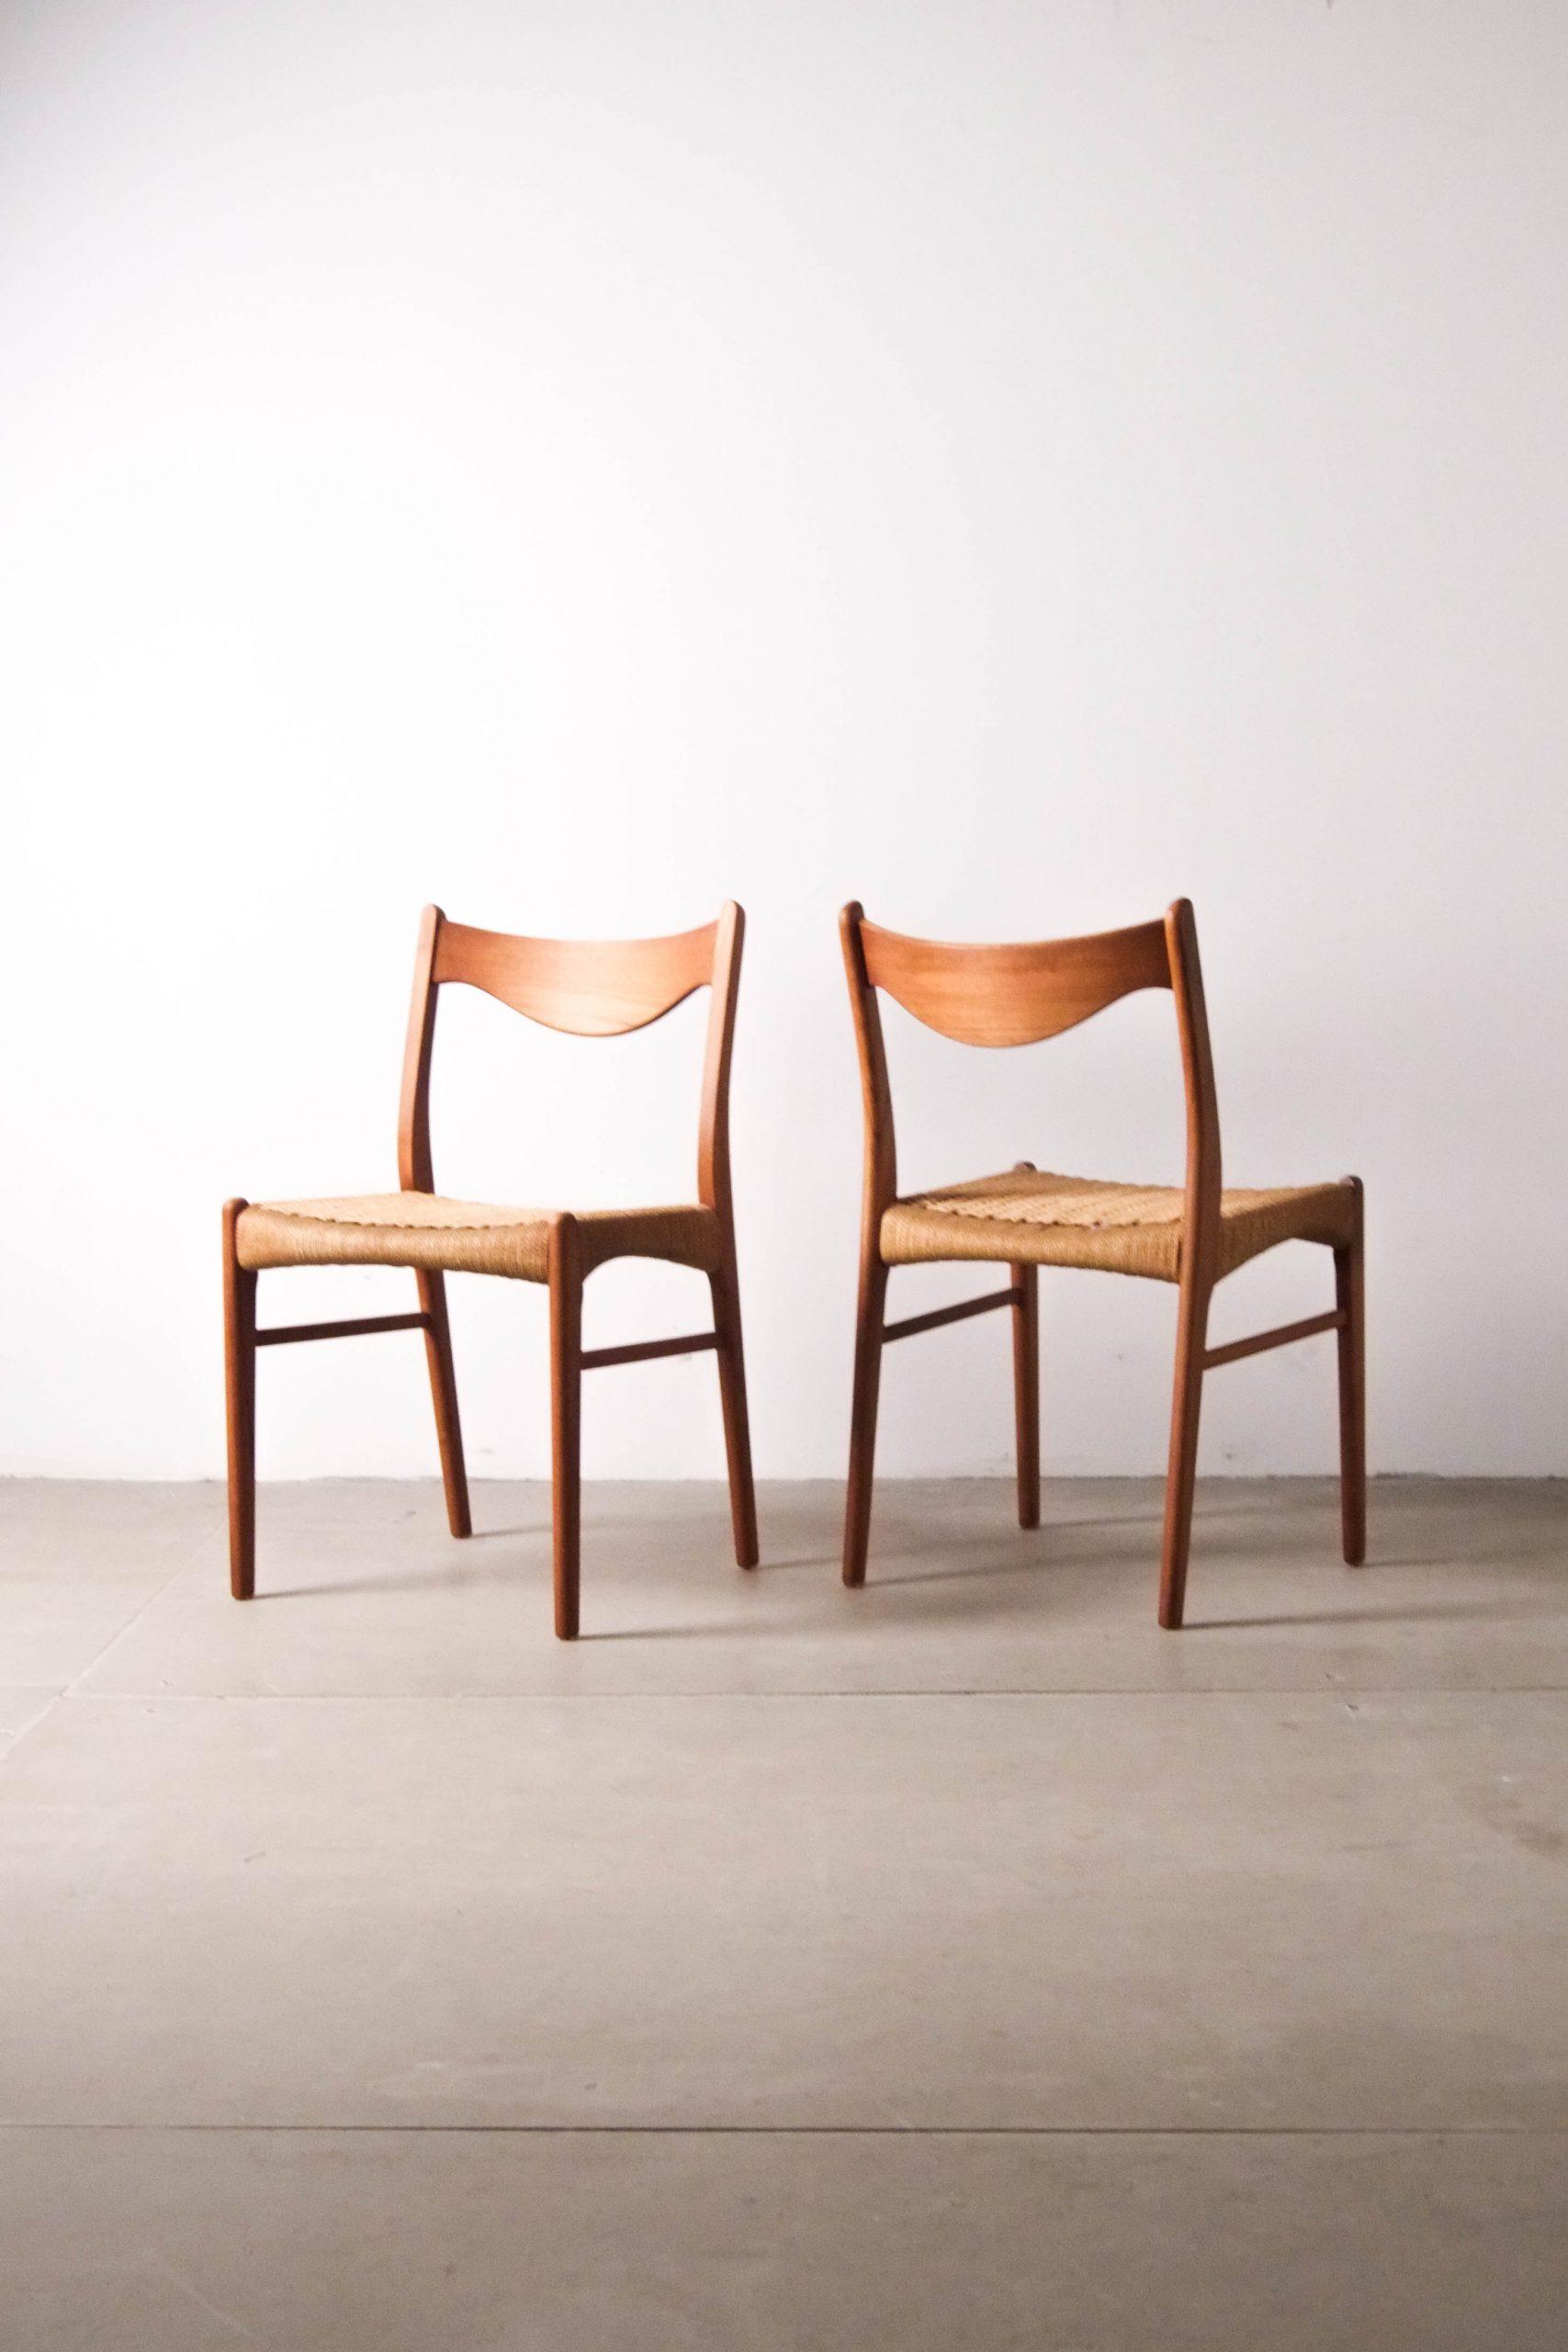 sillas de comedor nordicas vintage madera de teca papel trenzado